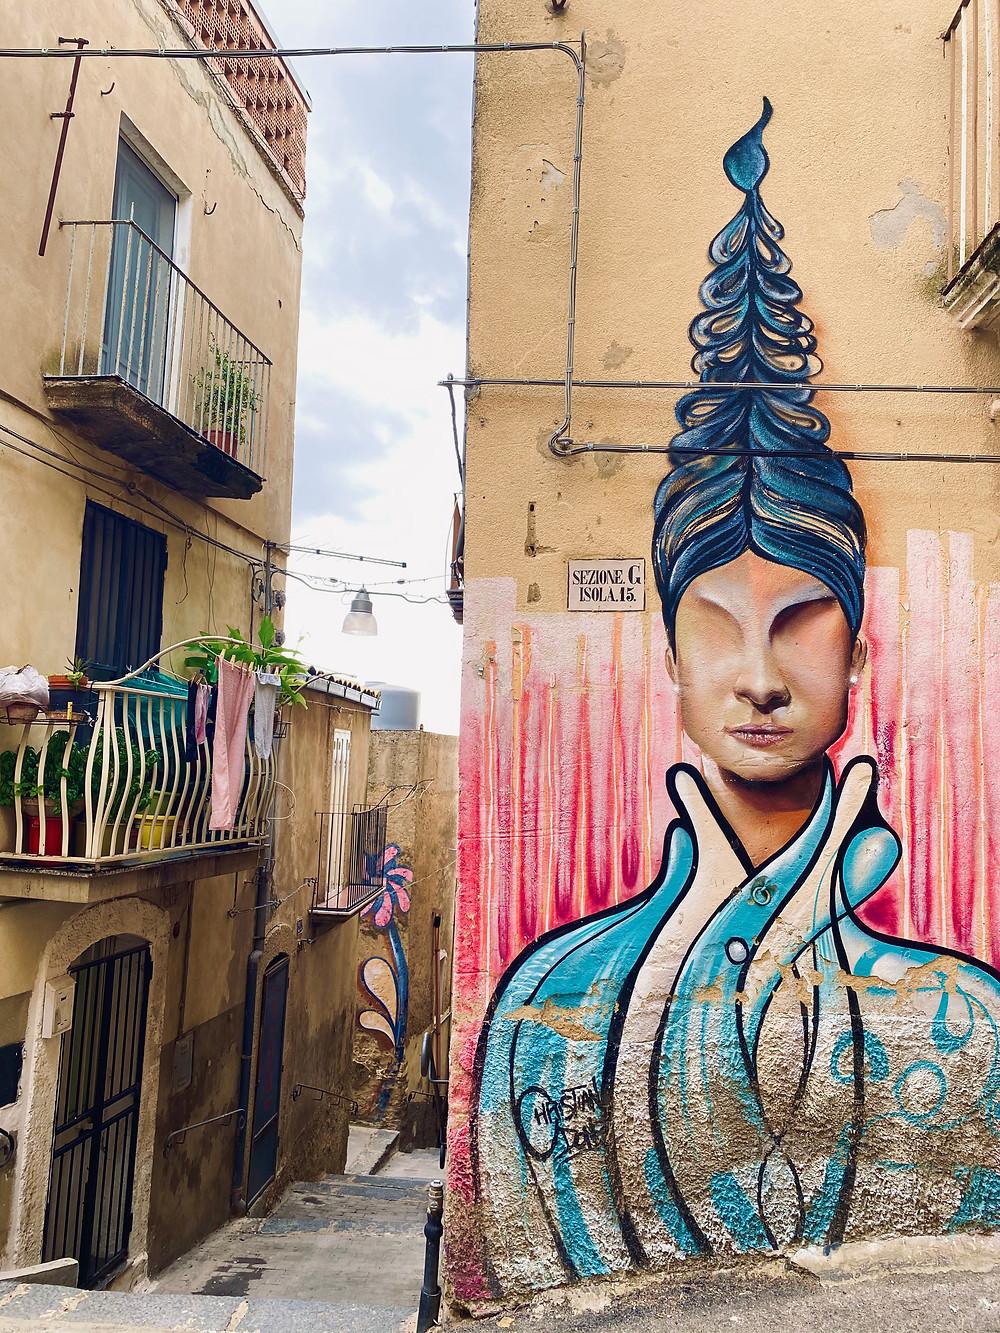 caltagirone-sicily-street-art-2